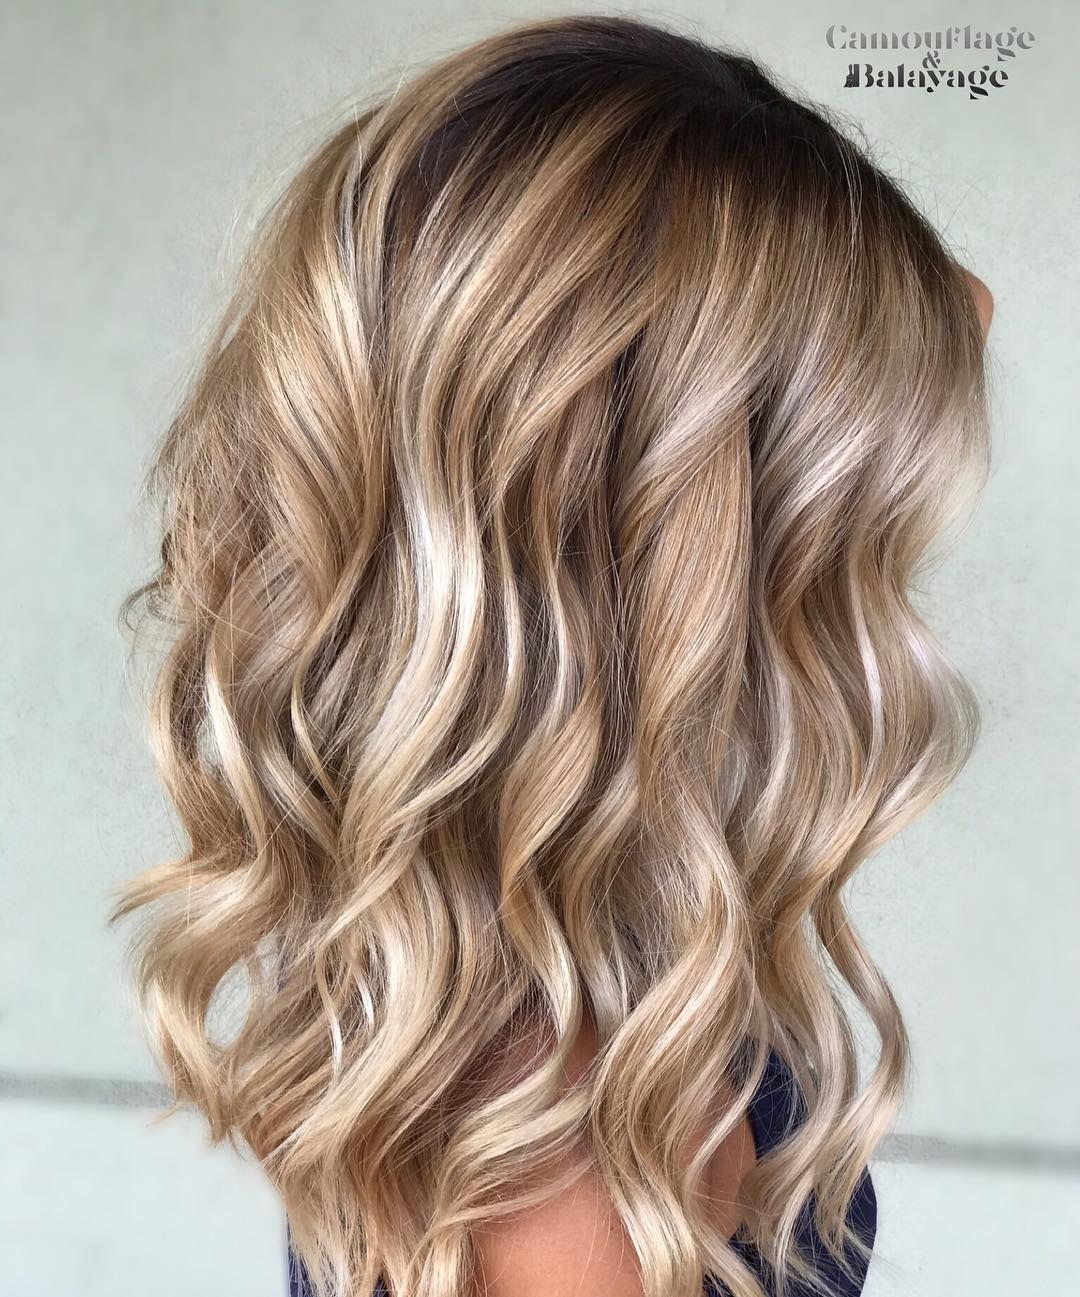 Kurze Blonde Haare Ideen Für Sommer 2018 2019 Hair Color